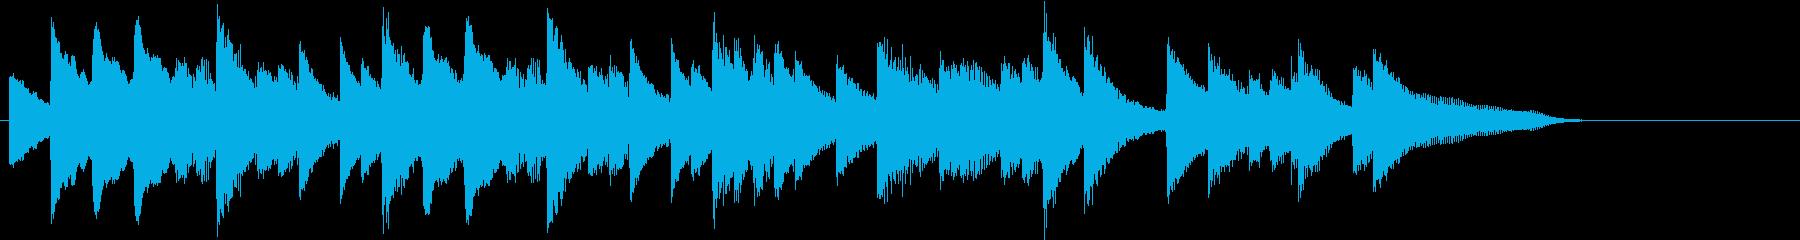 四季より「春」モチーフのピアノジングルAの再生済みの波形